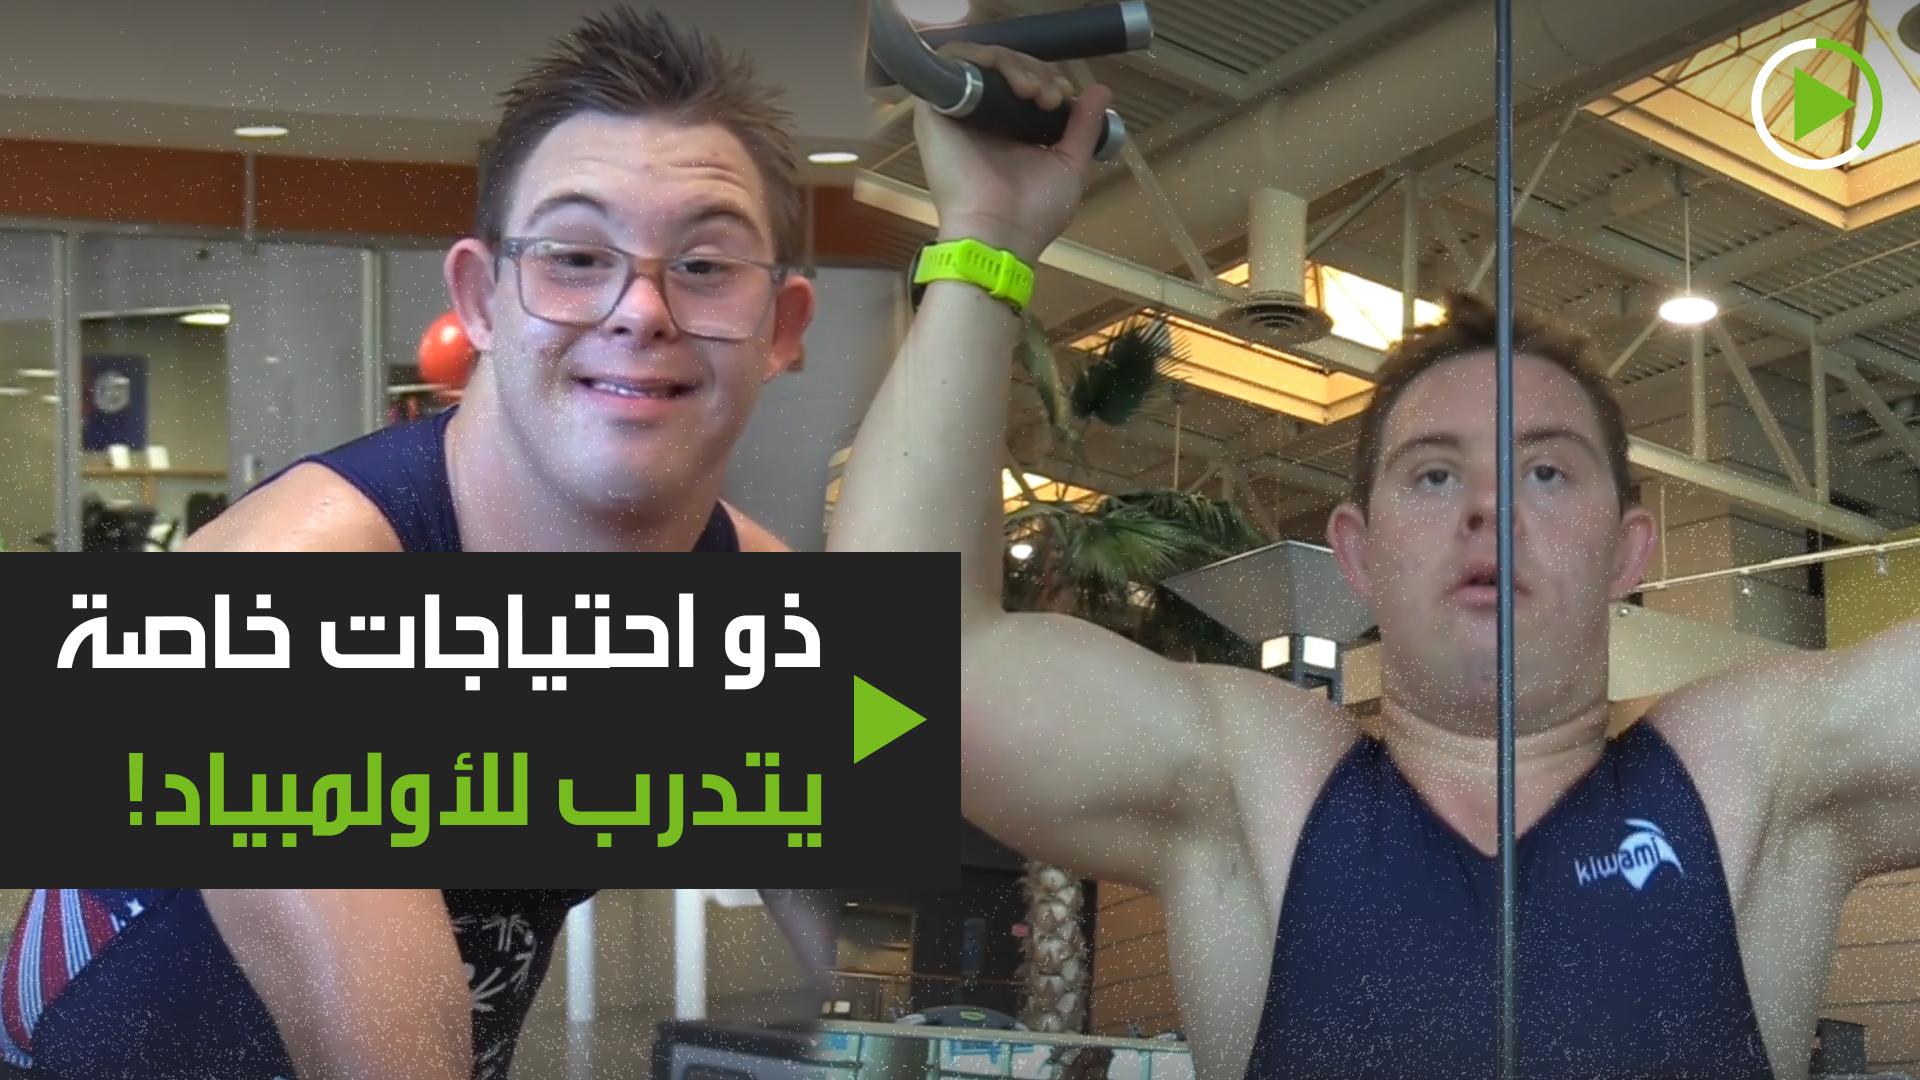 رياضي ذو احتياجات خاصة يتدرب للأولمبياد!